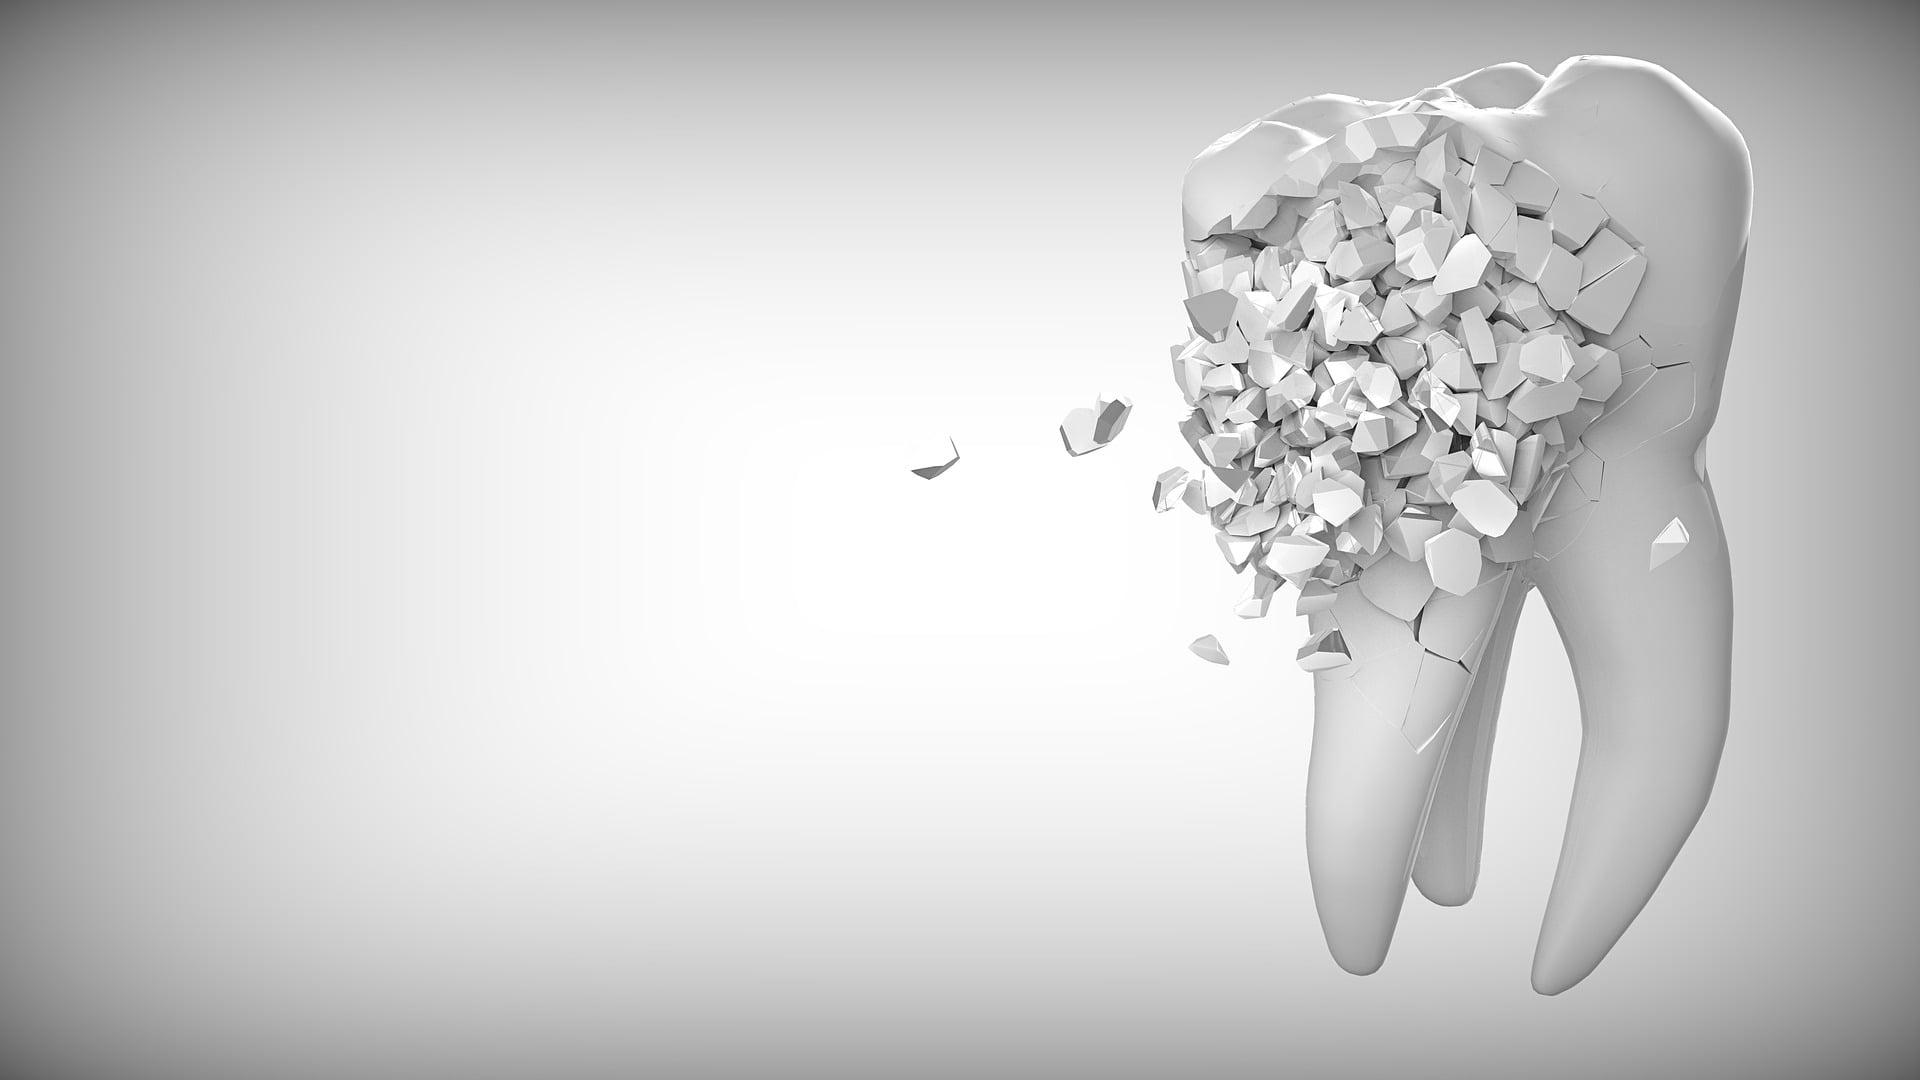 rozwój próchnicy zębów